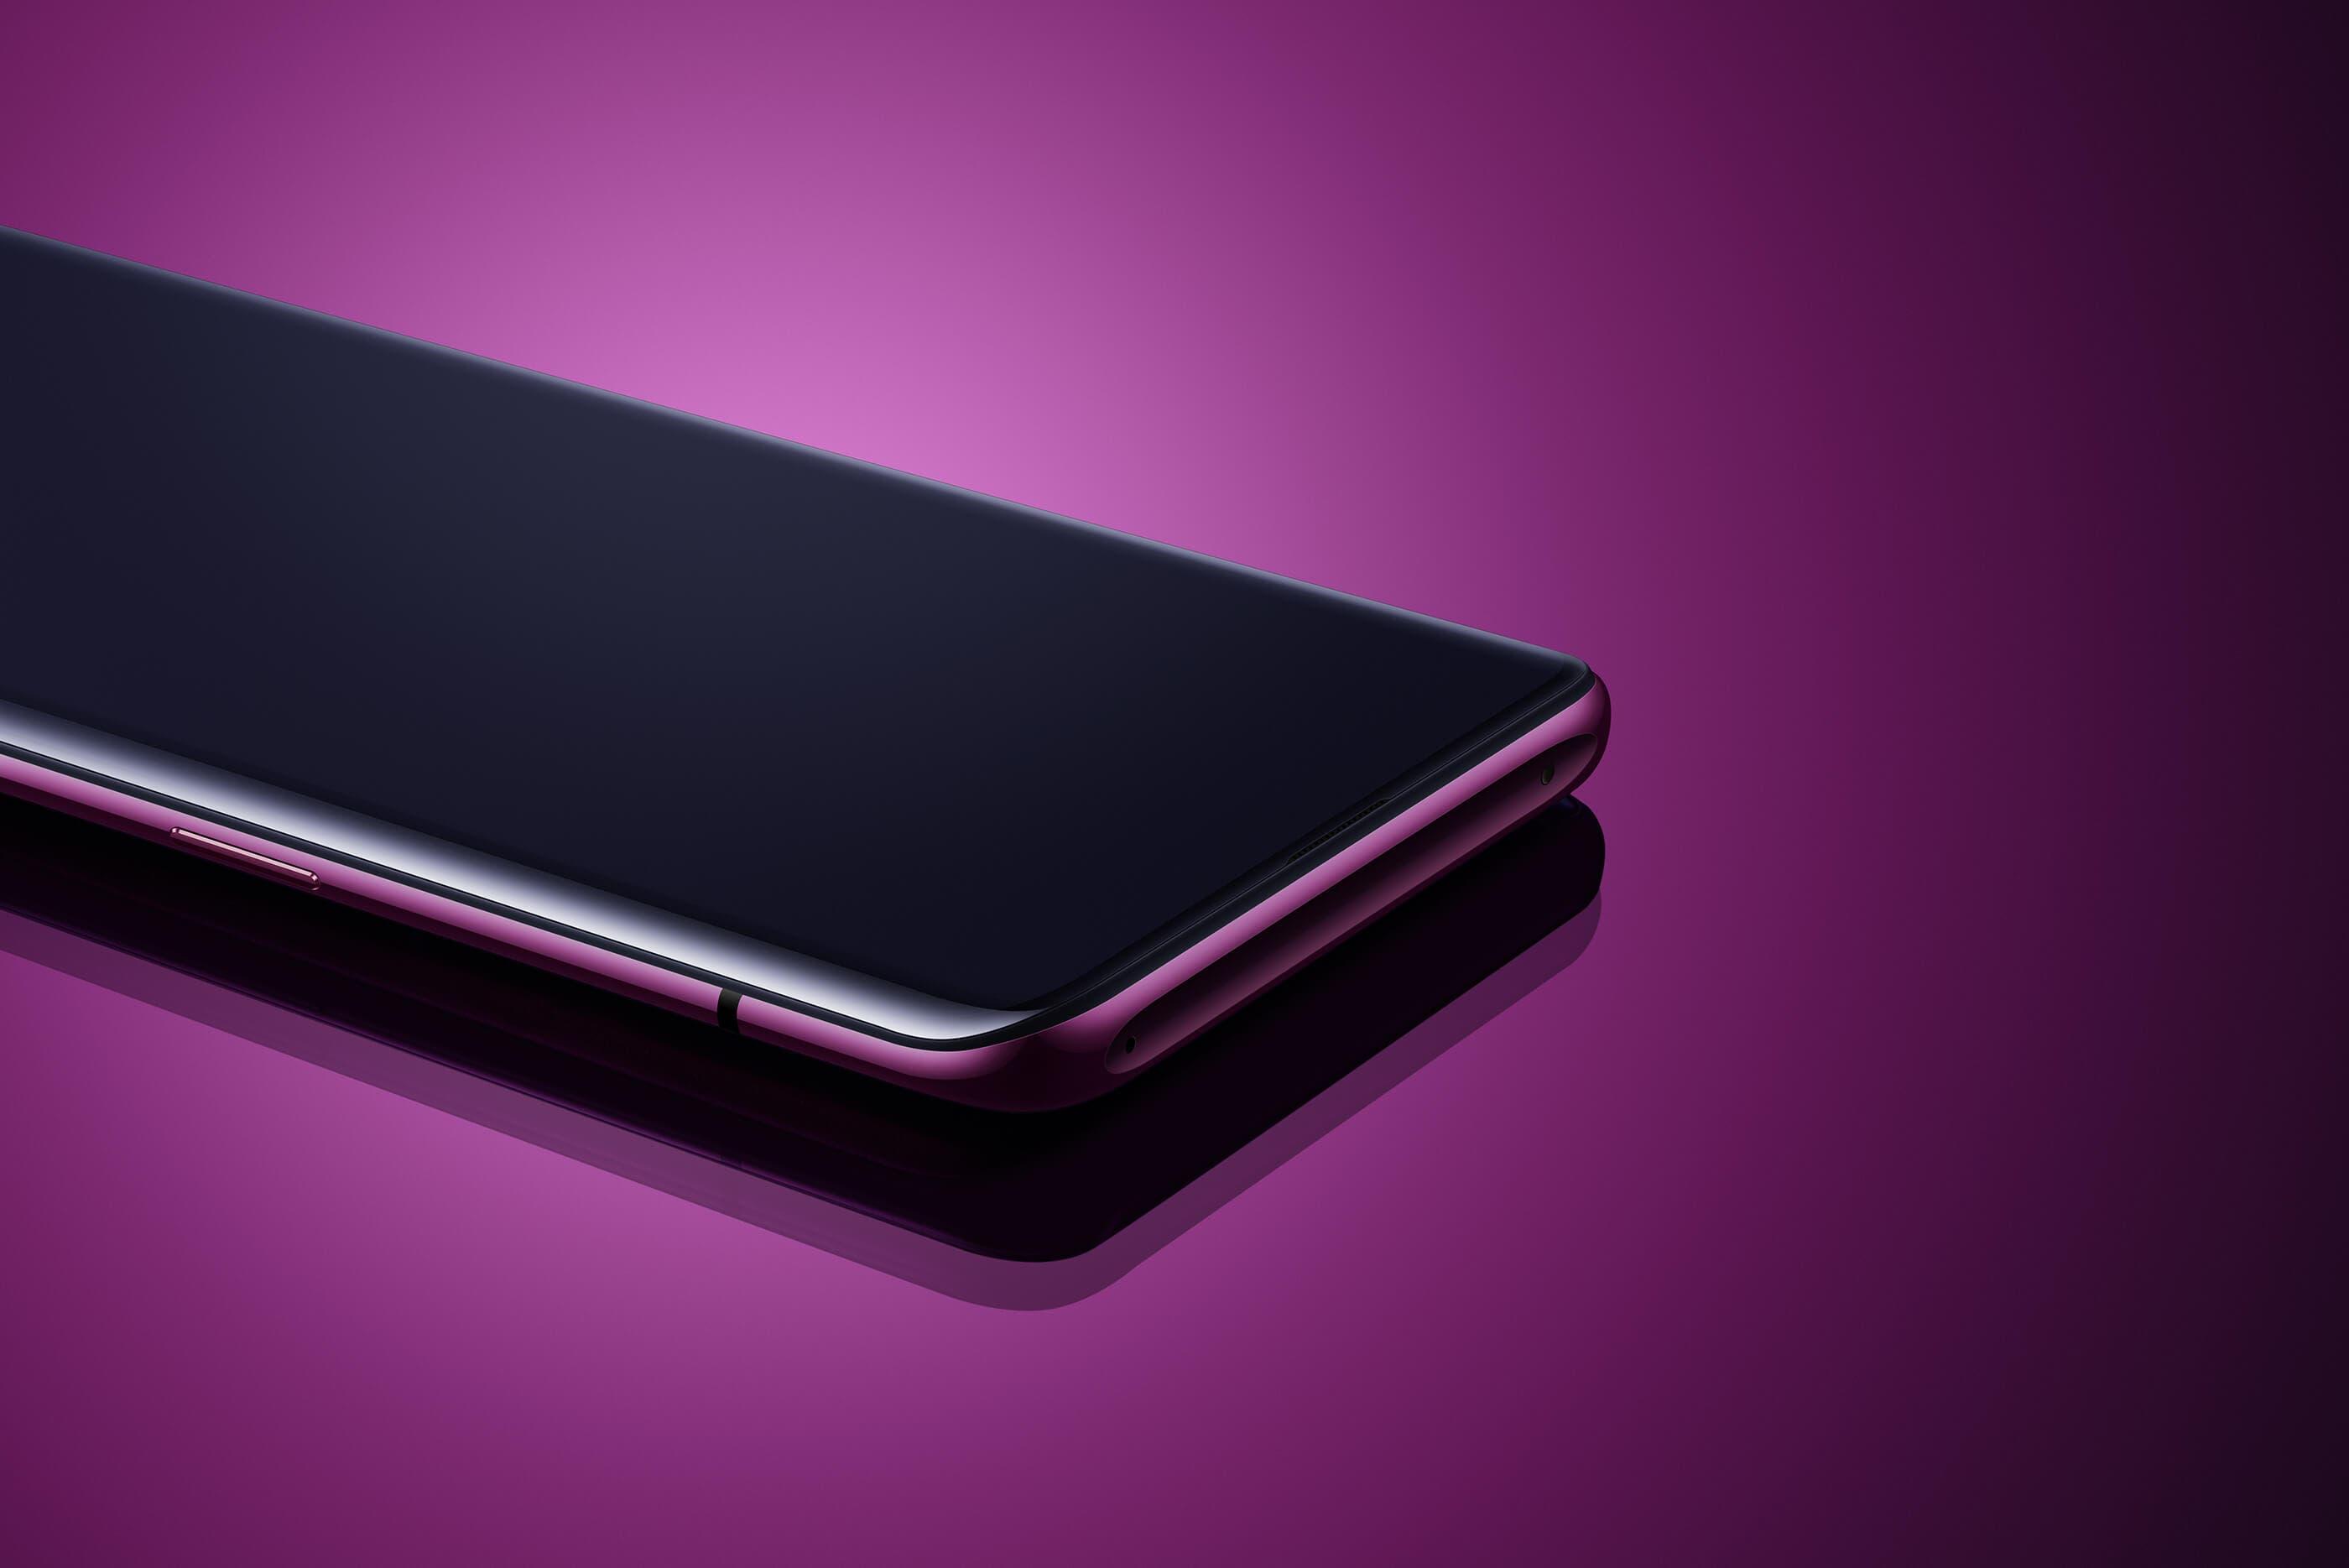 El primer móvil del mundo con 10 GB de memoria RAM se lanzará pronto